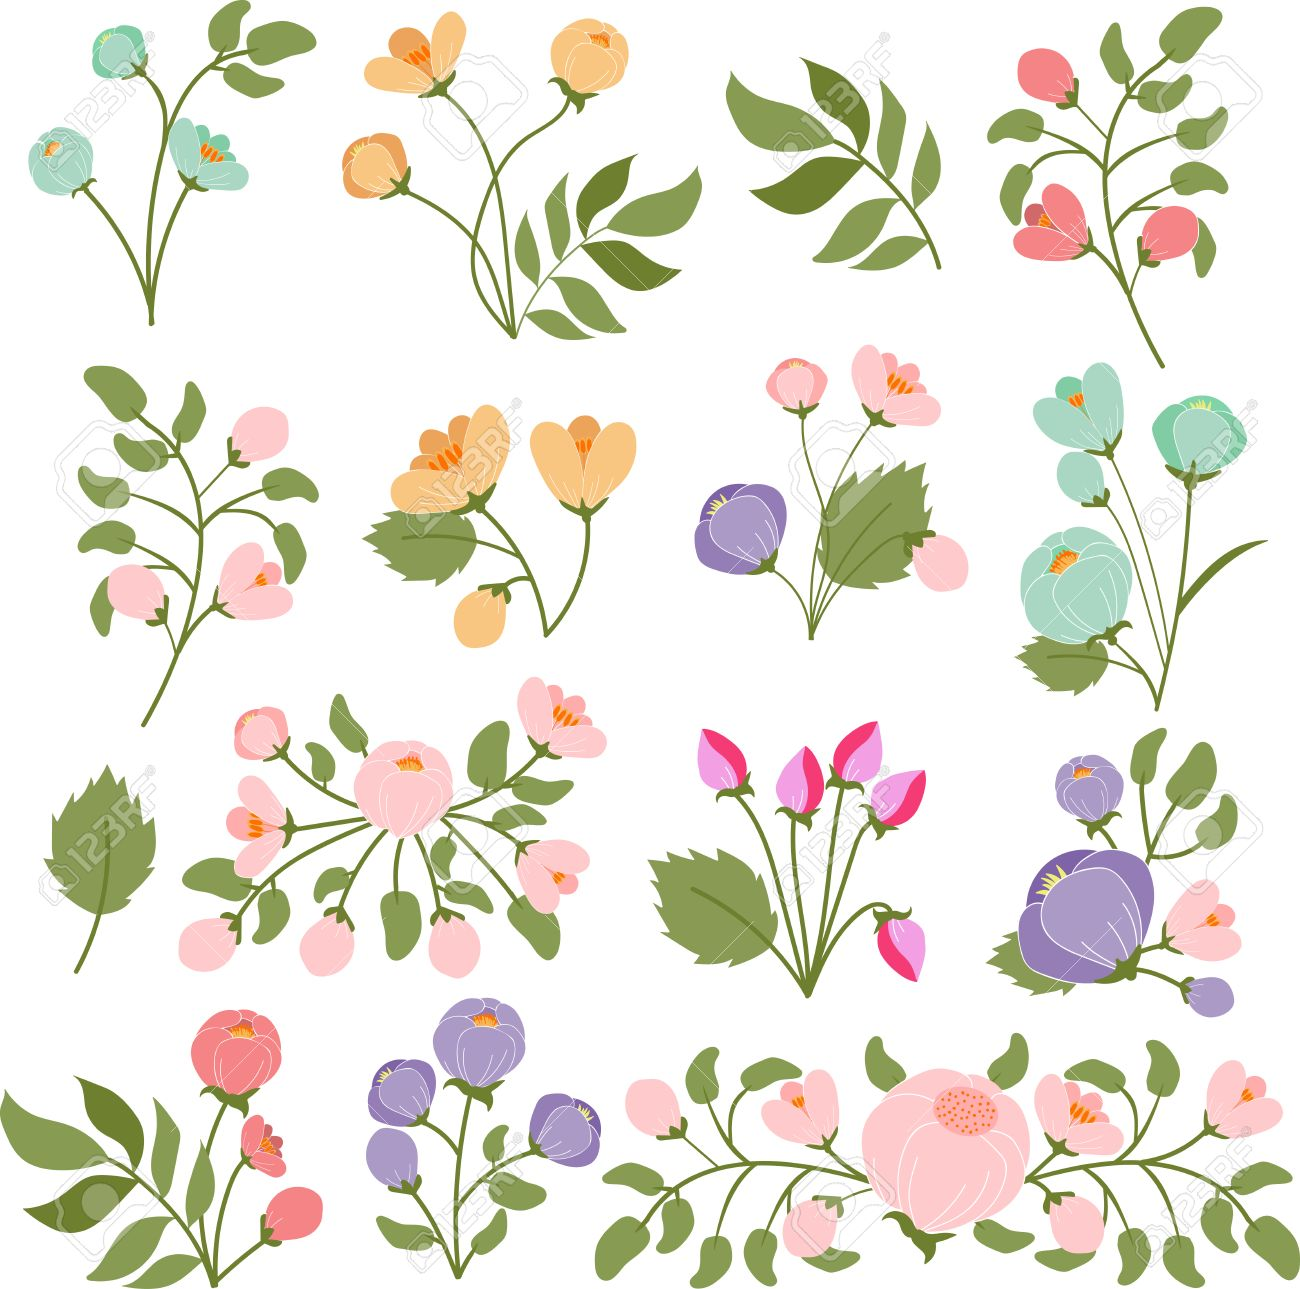 透明な背景のイラスト花の花束 ロイヤリティフリークリップアート